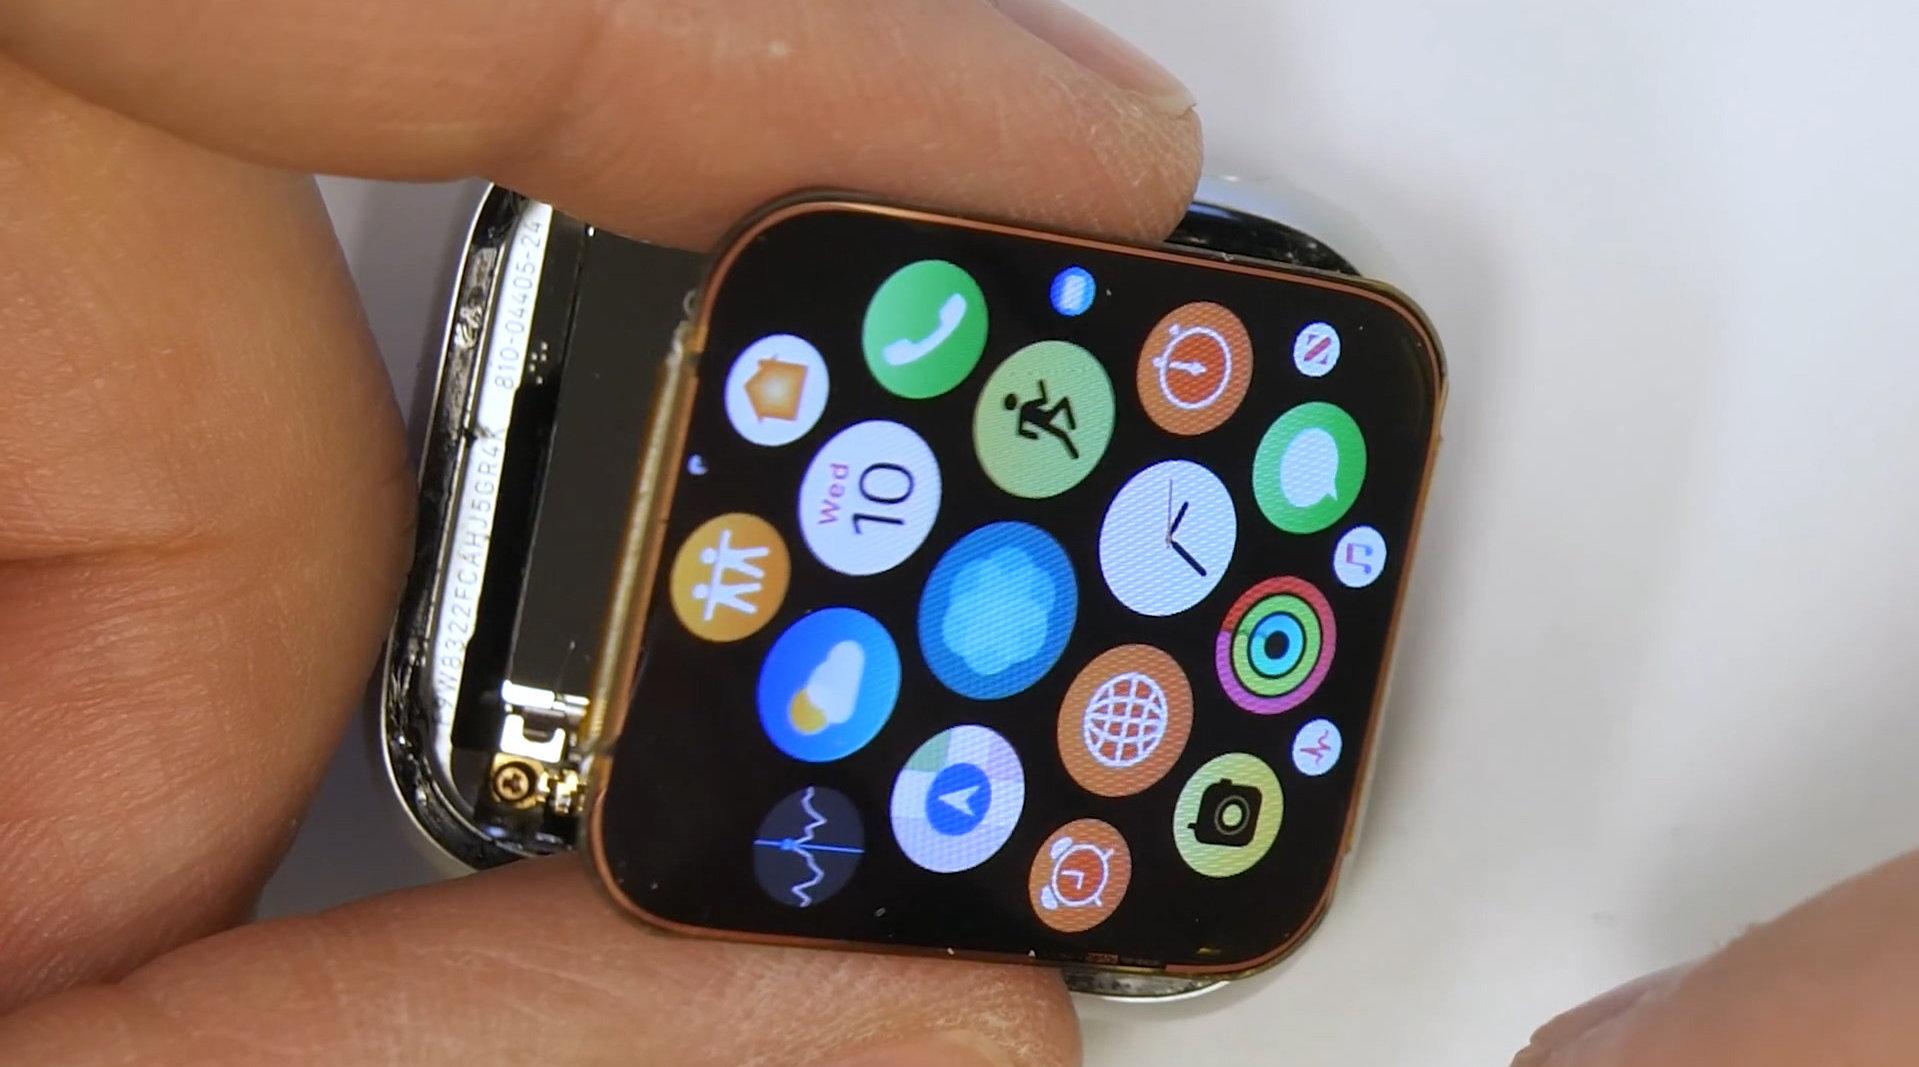 外媒大神JRE修复Apple Watch4破碎屏幕,比手机换屏复杂得多